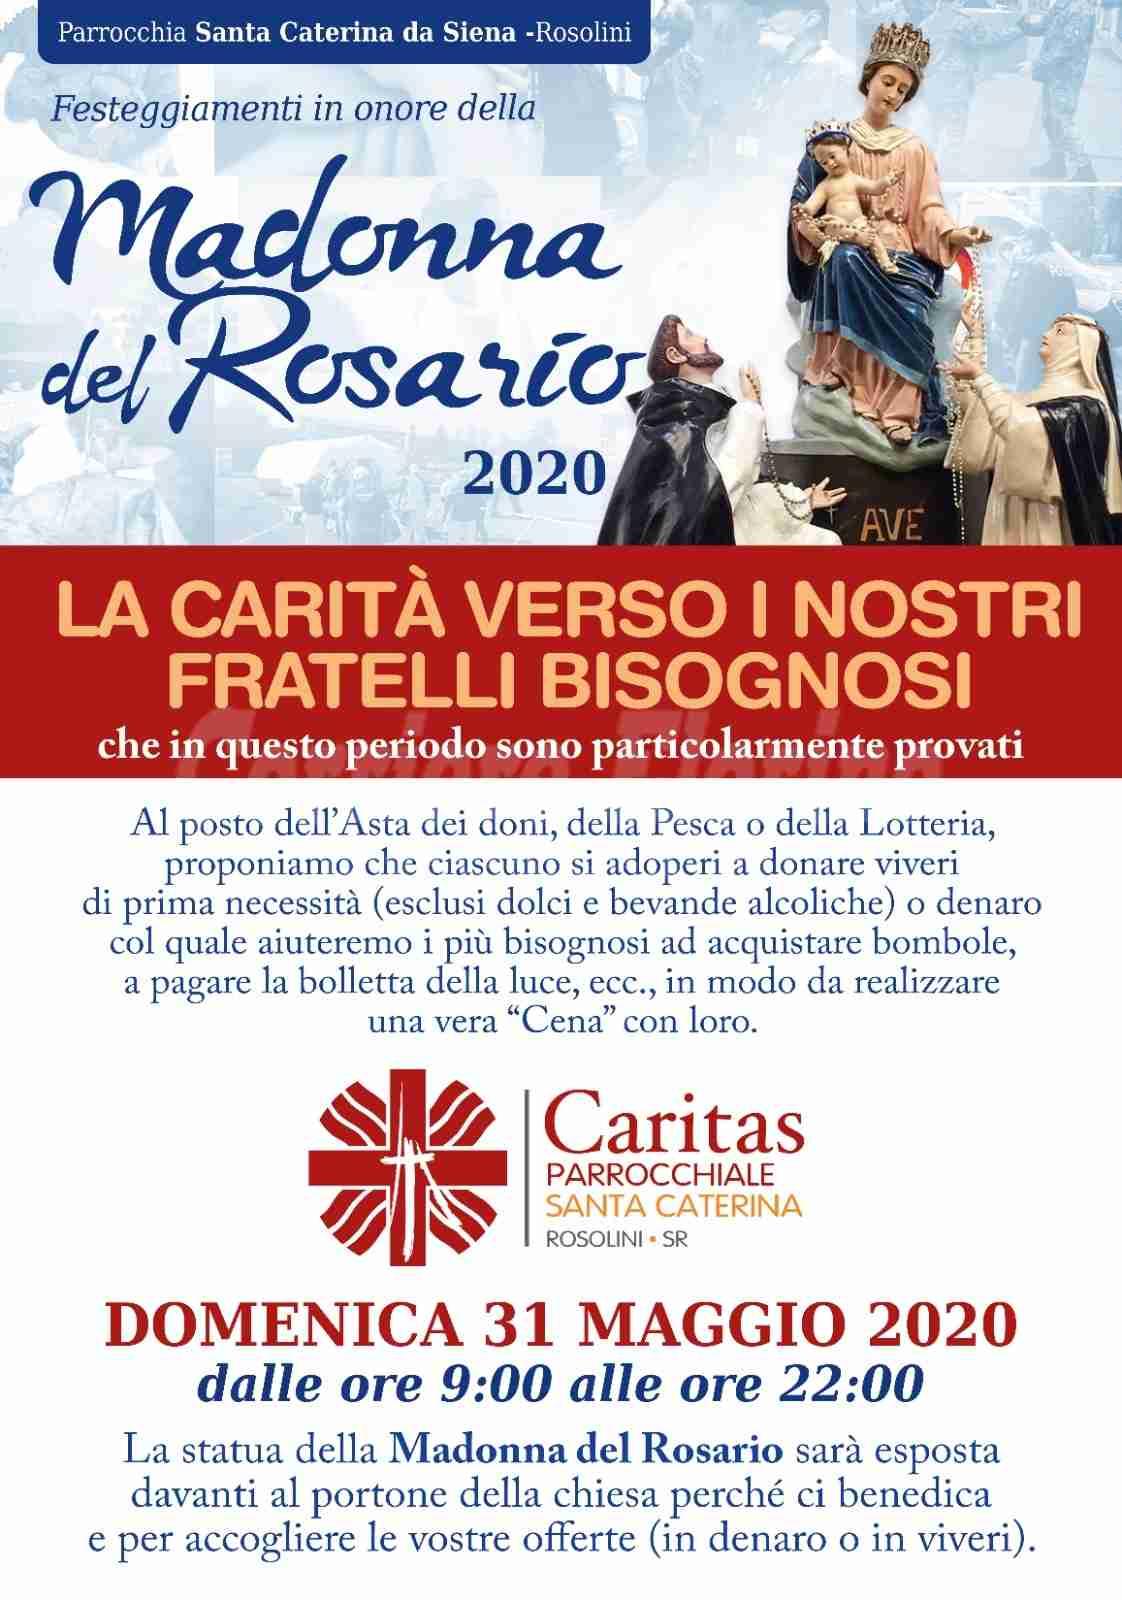 Festa della Madonna del Rosario: al posto della tradizionale asta, raccolta di doni per i bisognosi